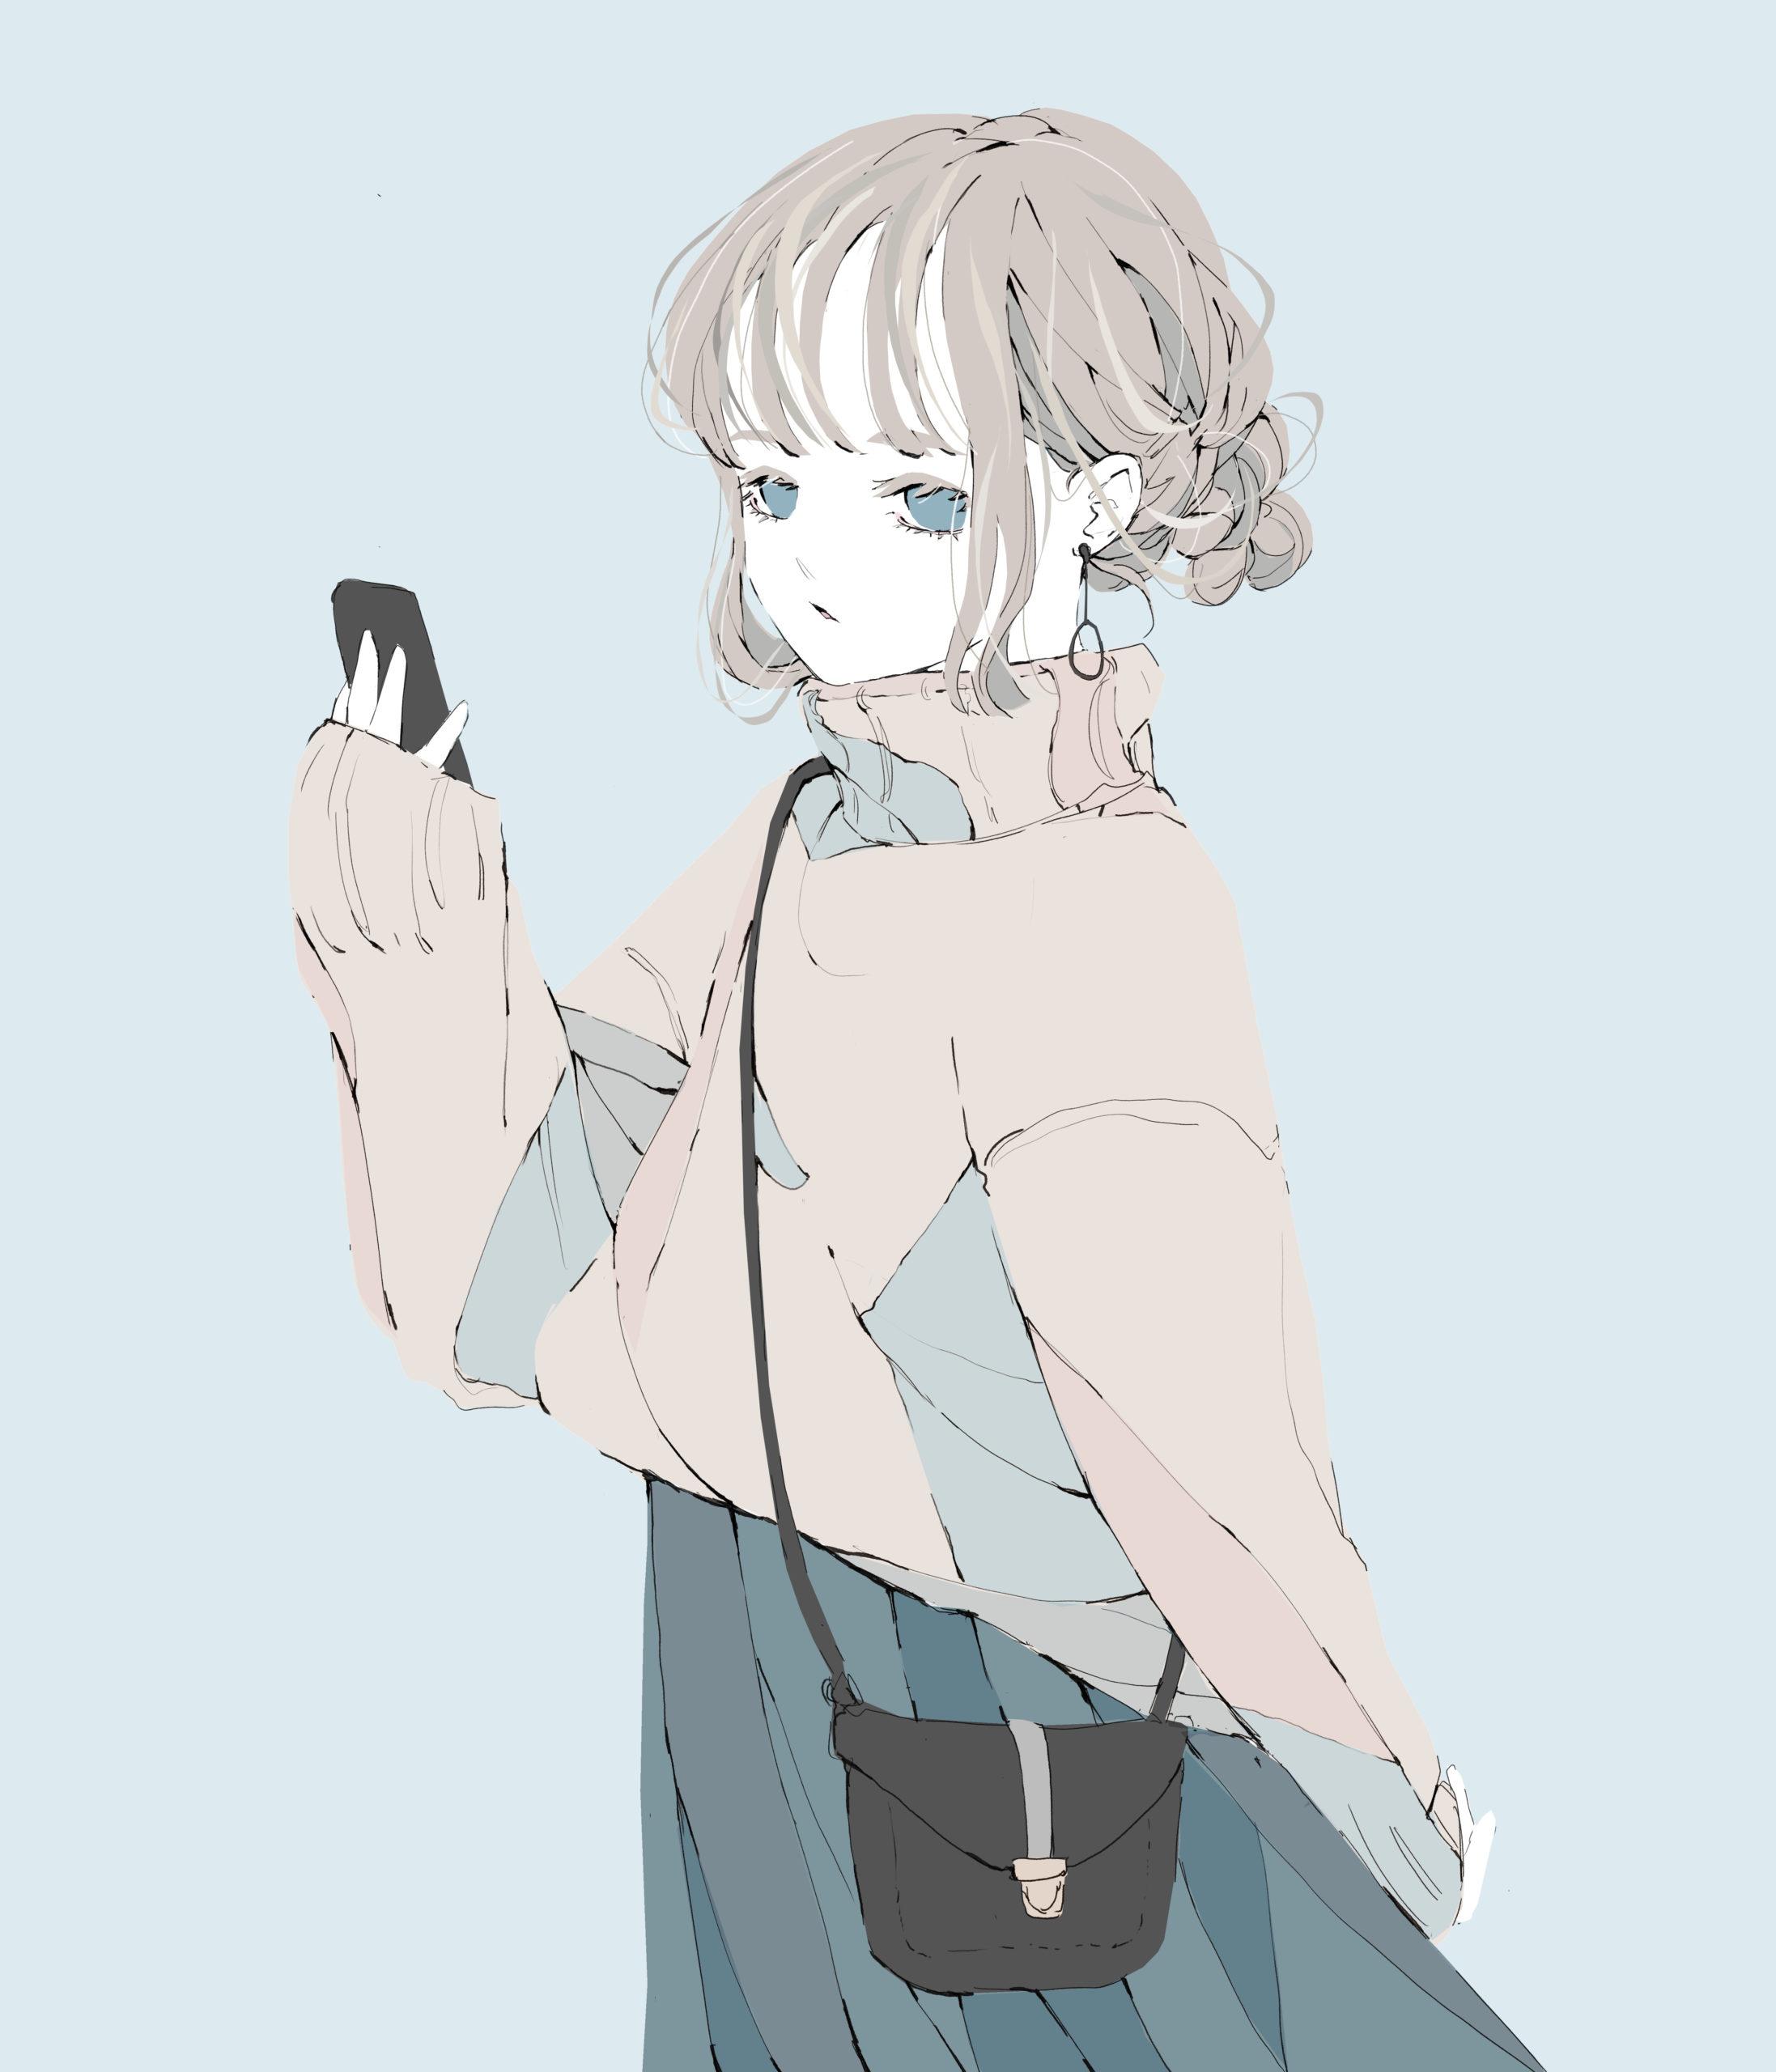 金髪女の子 イラスト